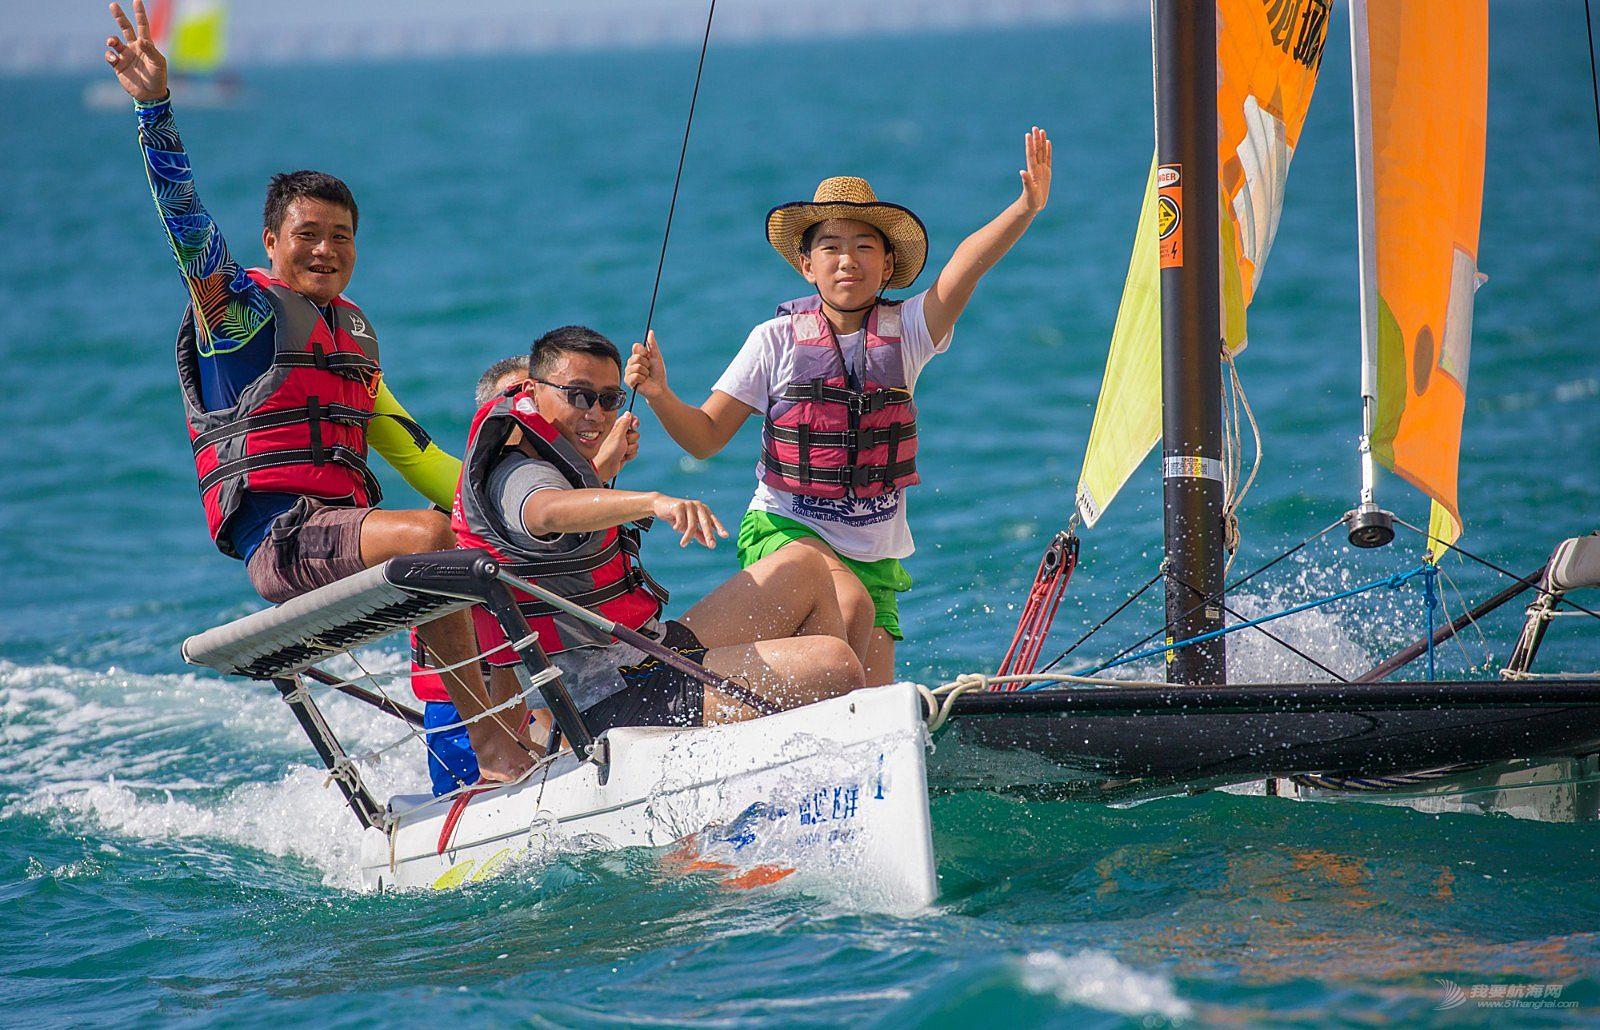 2018中国家庭帆船赛天涯海角杯三亚站精彩图片2